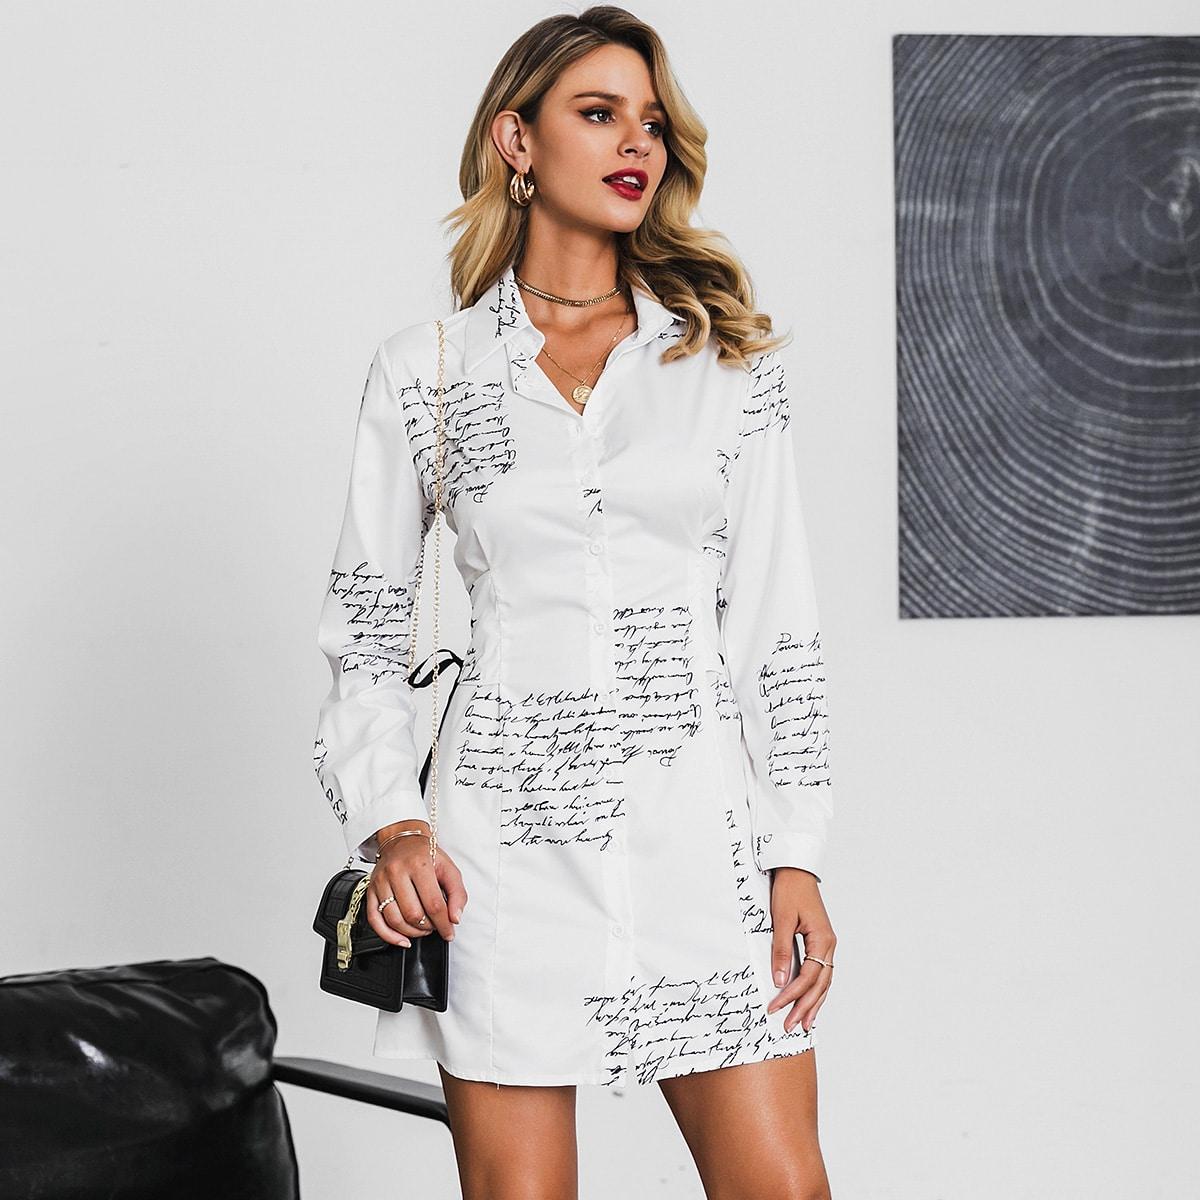 Glamaker платье-рубашка с пуговицами и текстовым принтом